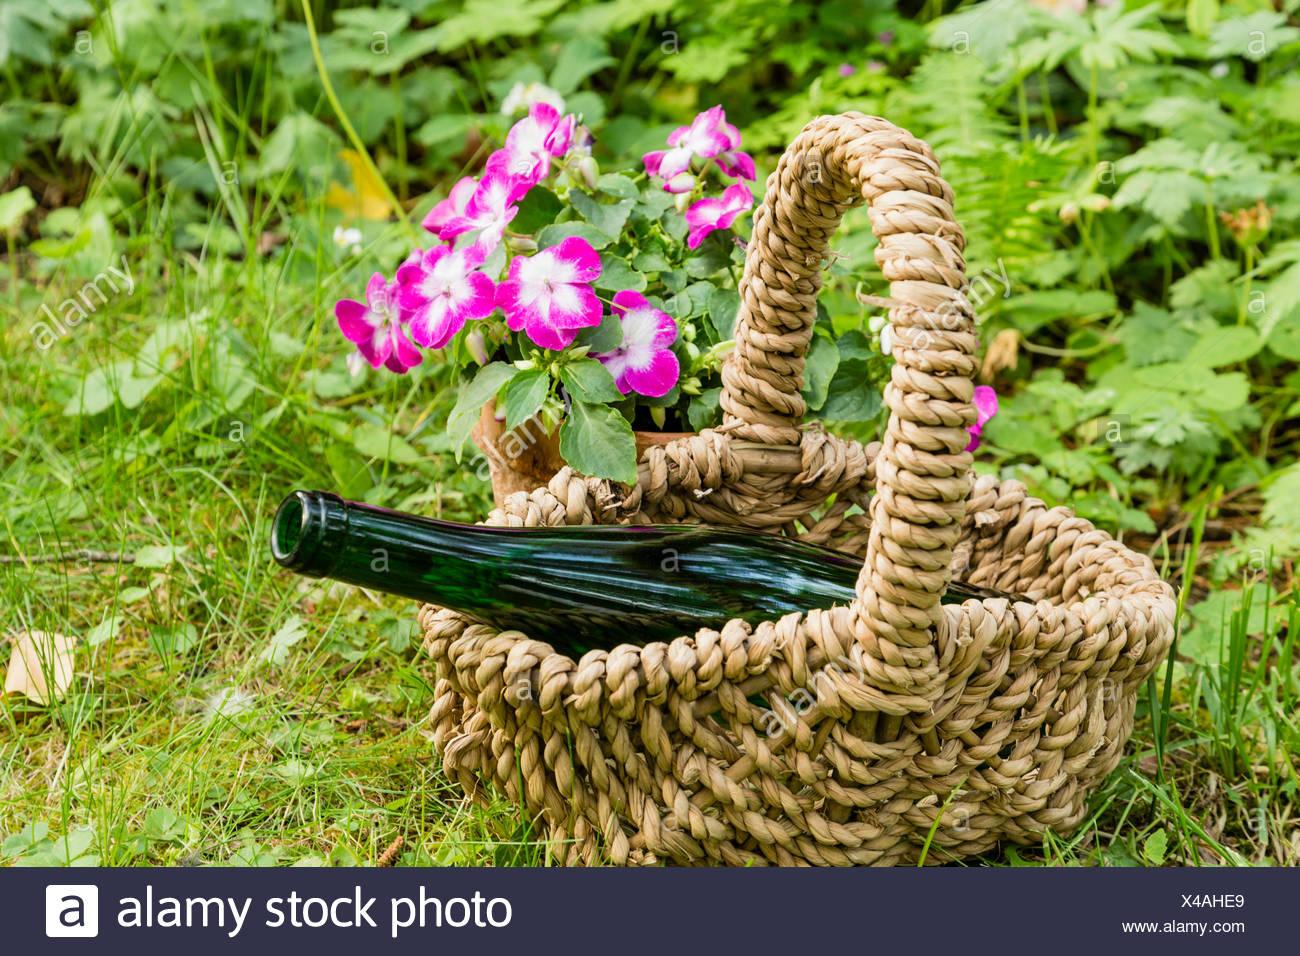 Stillleben mit Weinflasche im Garten, still life with wine bottle in a garden Stock Photo